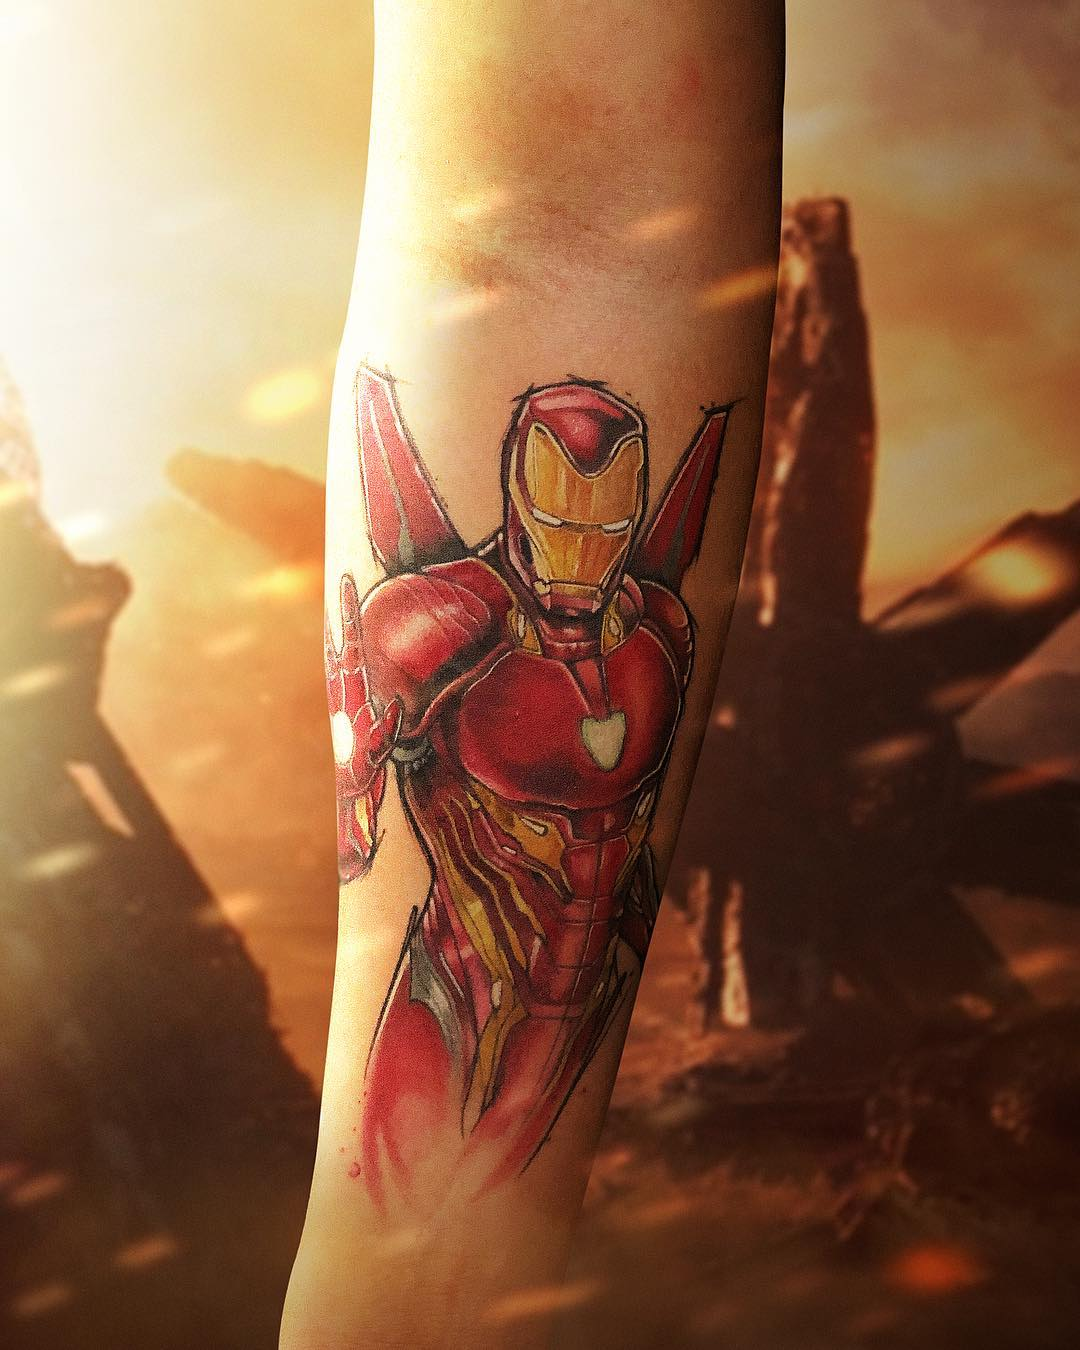 Тони Старк в Новом Костюме Железного Человека